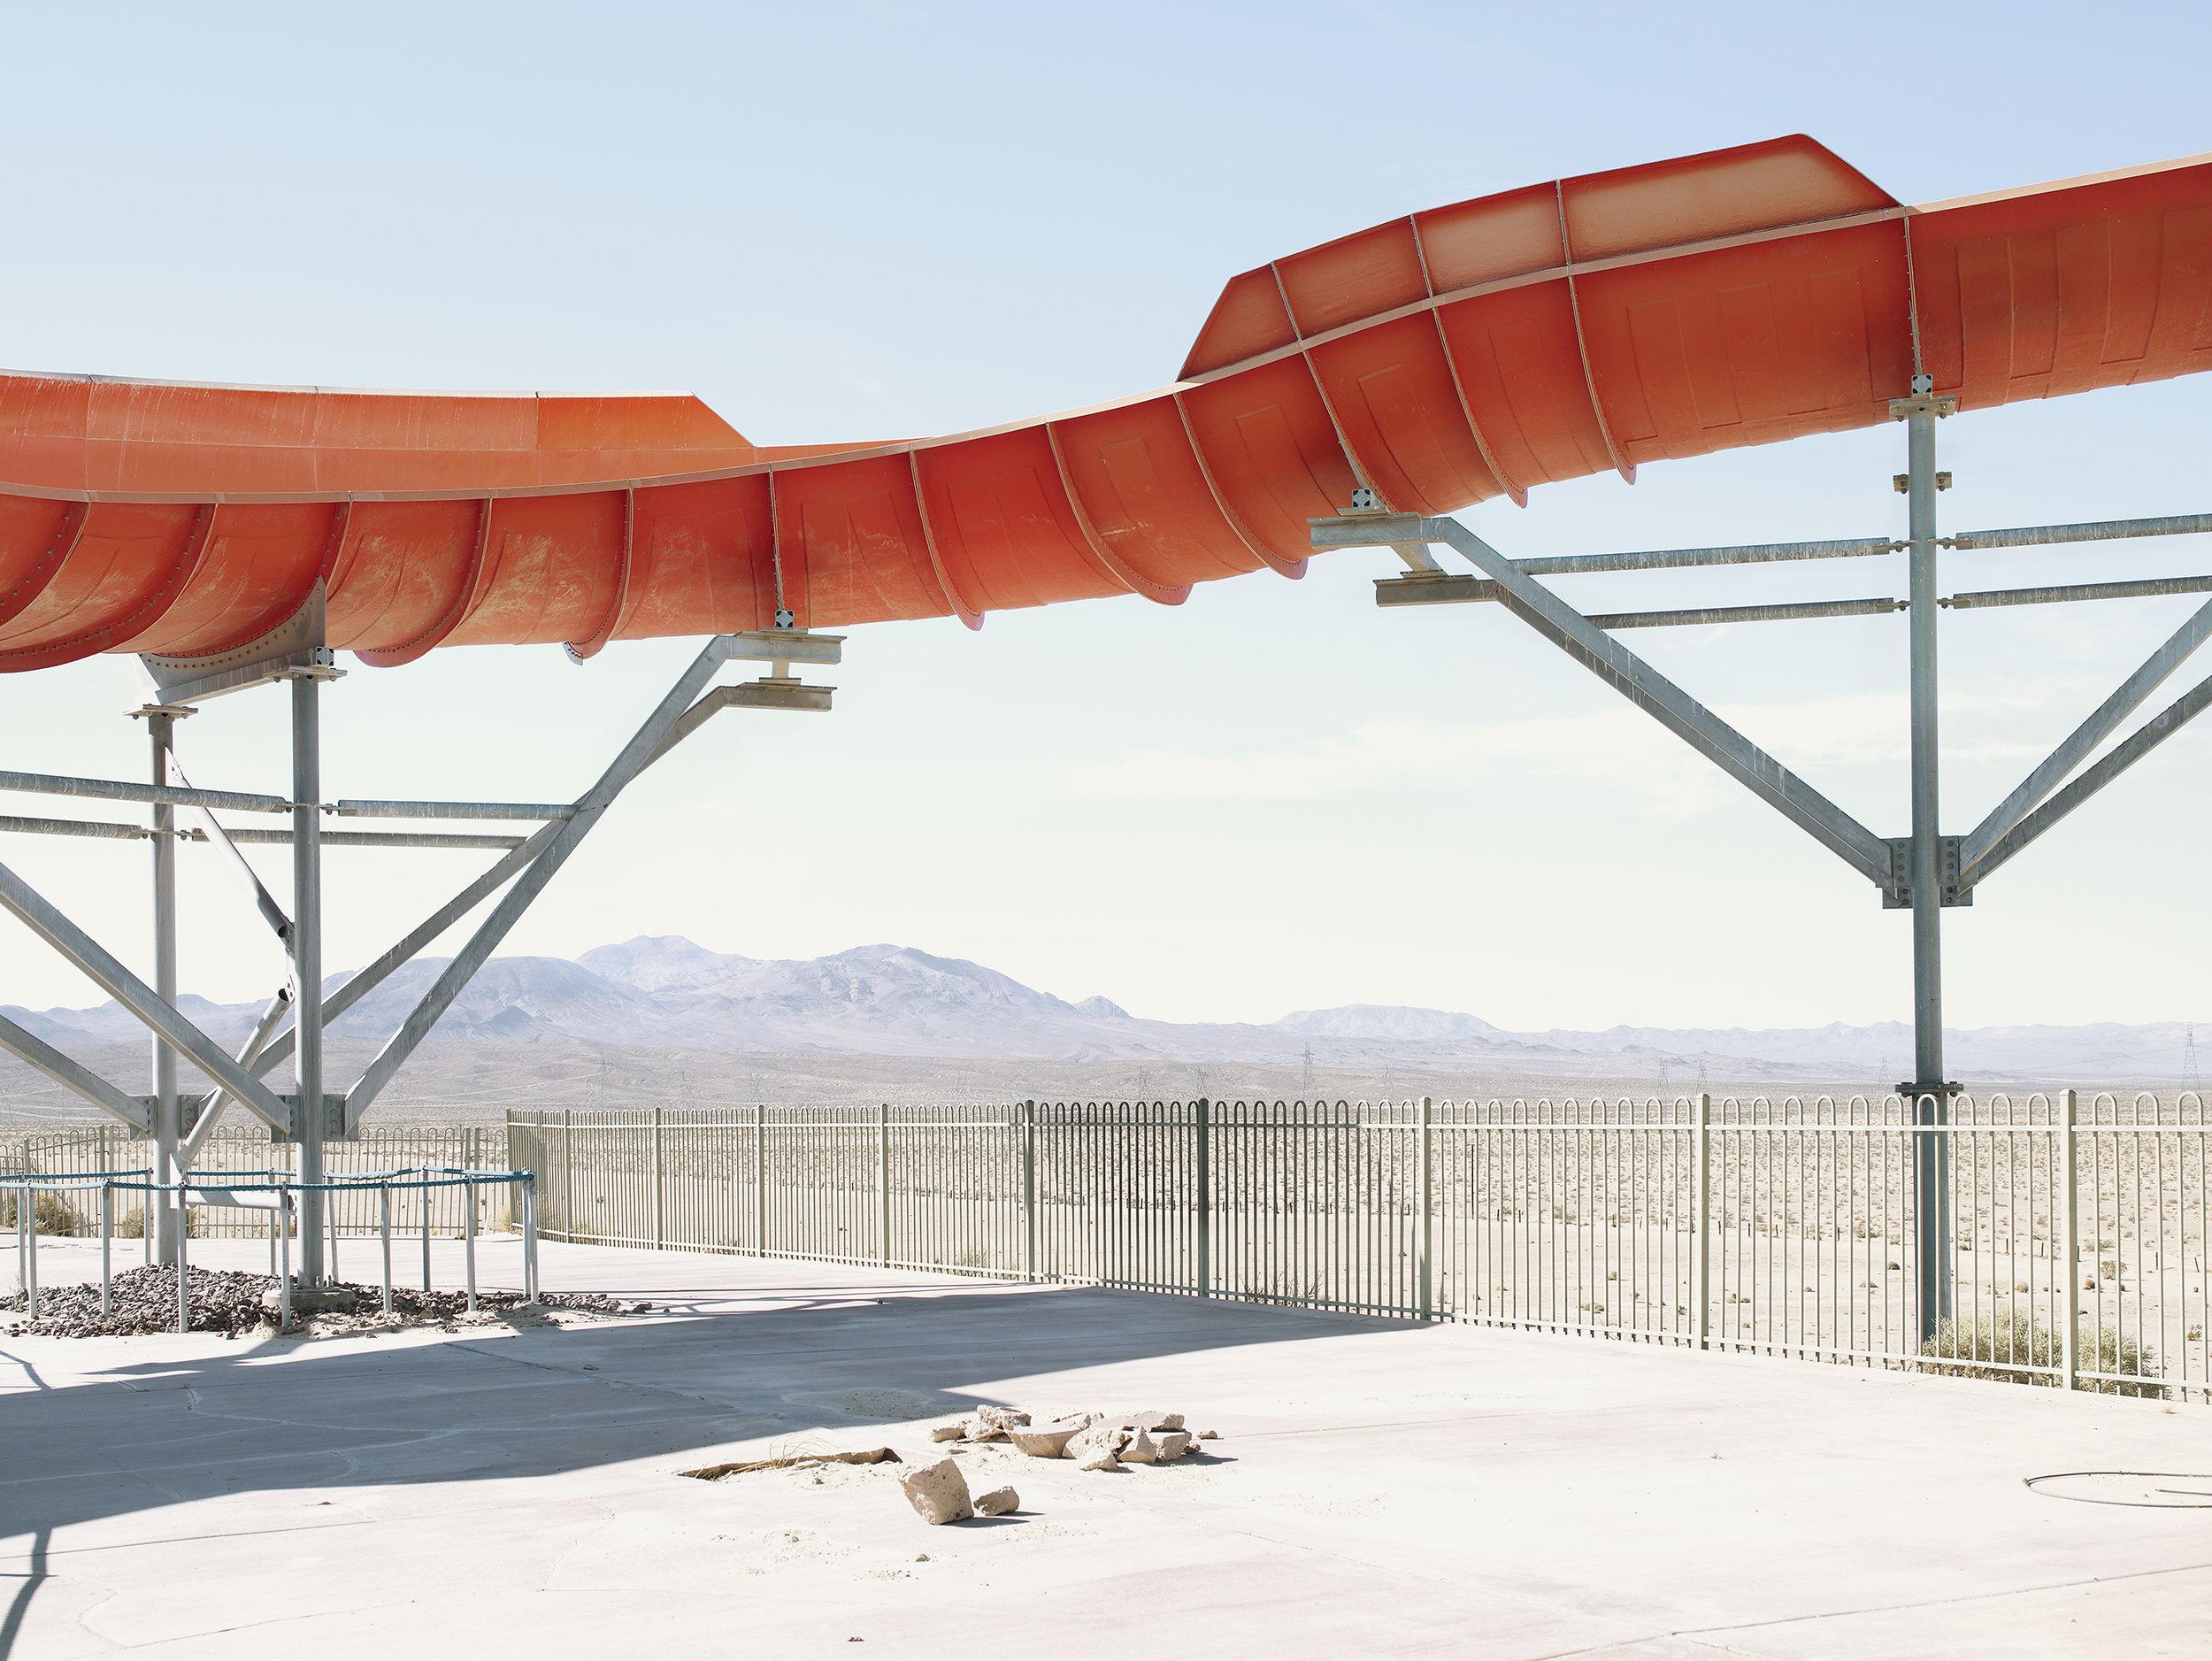 Aquatic amusement parc, USA, 2007.